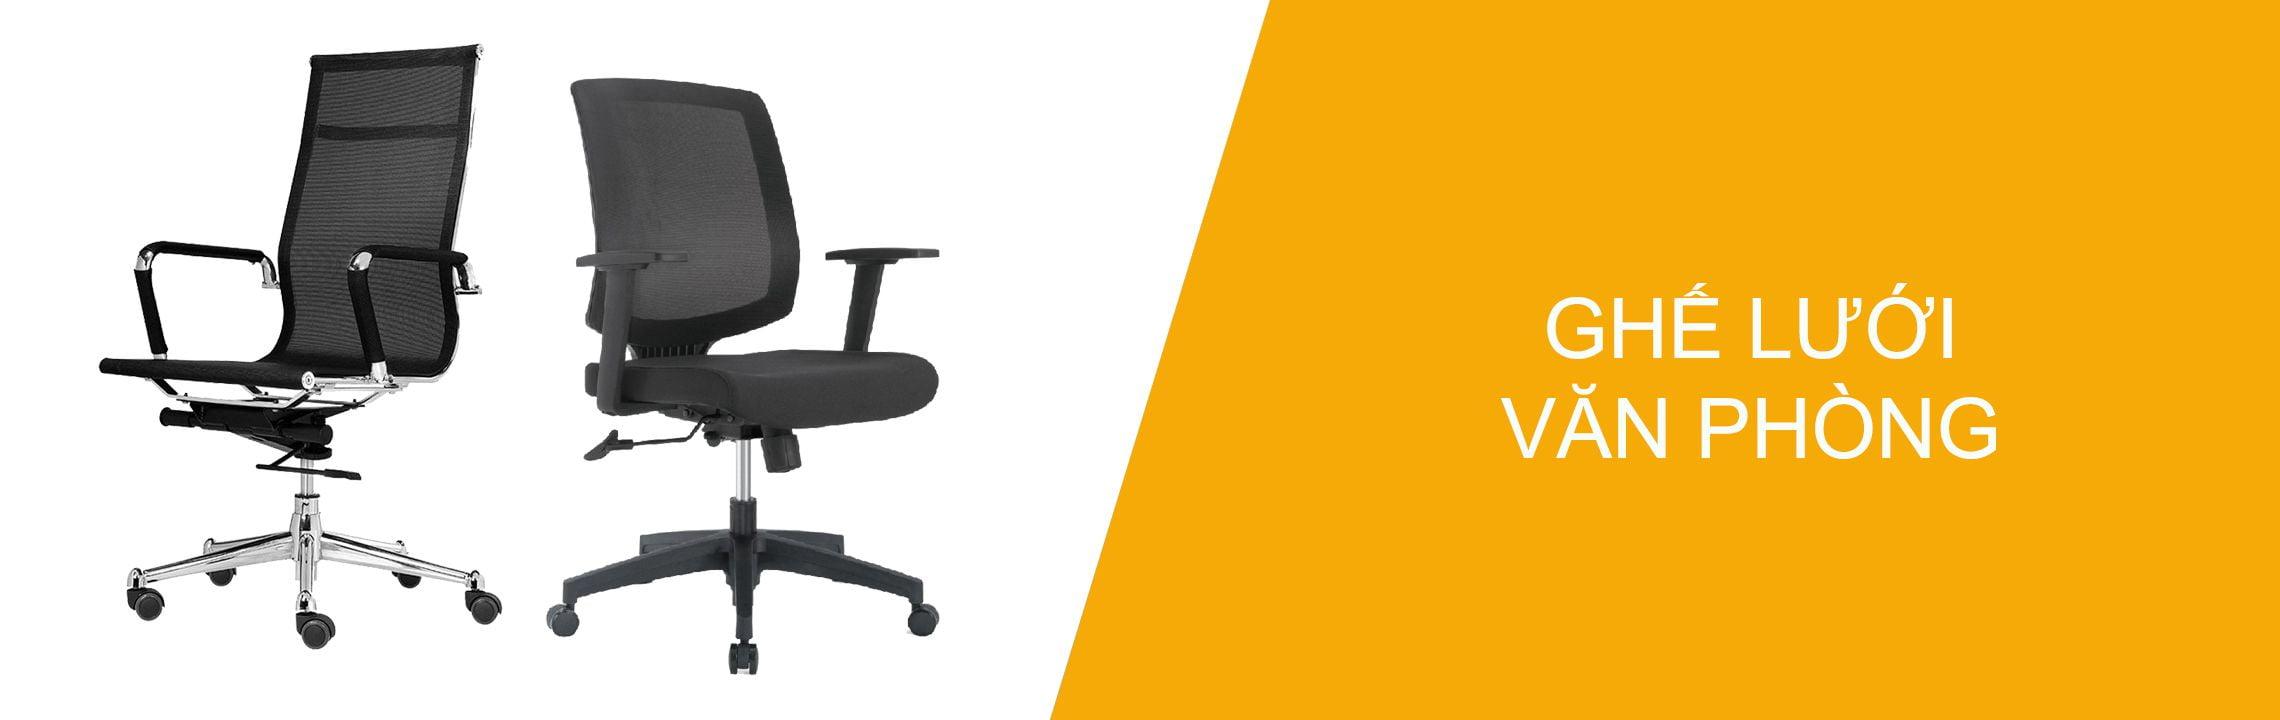 Ghế lưới cho văn phòng làm việc rẻ đẹp TpHCM